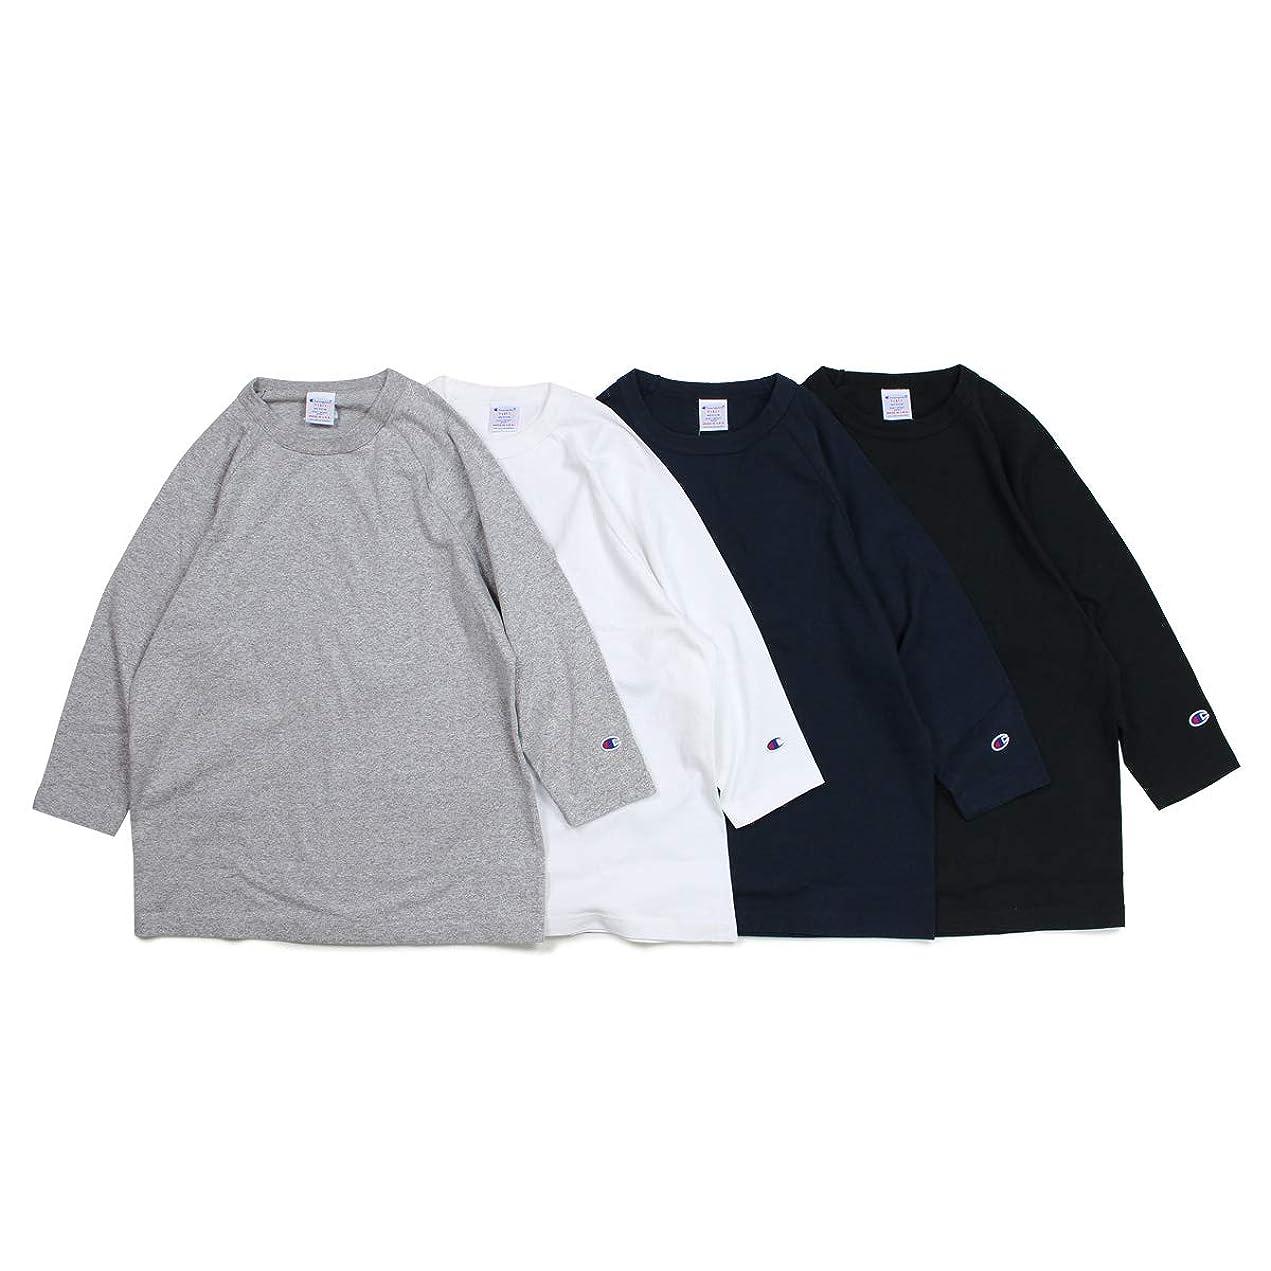 嘆くブートエスカレートチャンピオン Champion T1011 RAGLAN 3/4 SLEEVE T-SHIRT Tシャツ ラグラン 七分袖 ブラック ホワイト グレー ネイビー 黒 白 C5-P404 ユニセックス (並行輸入品)